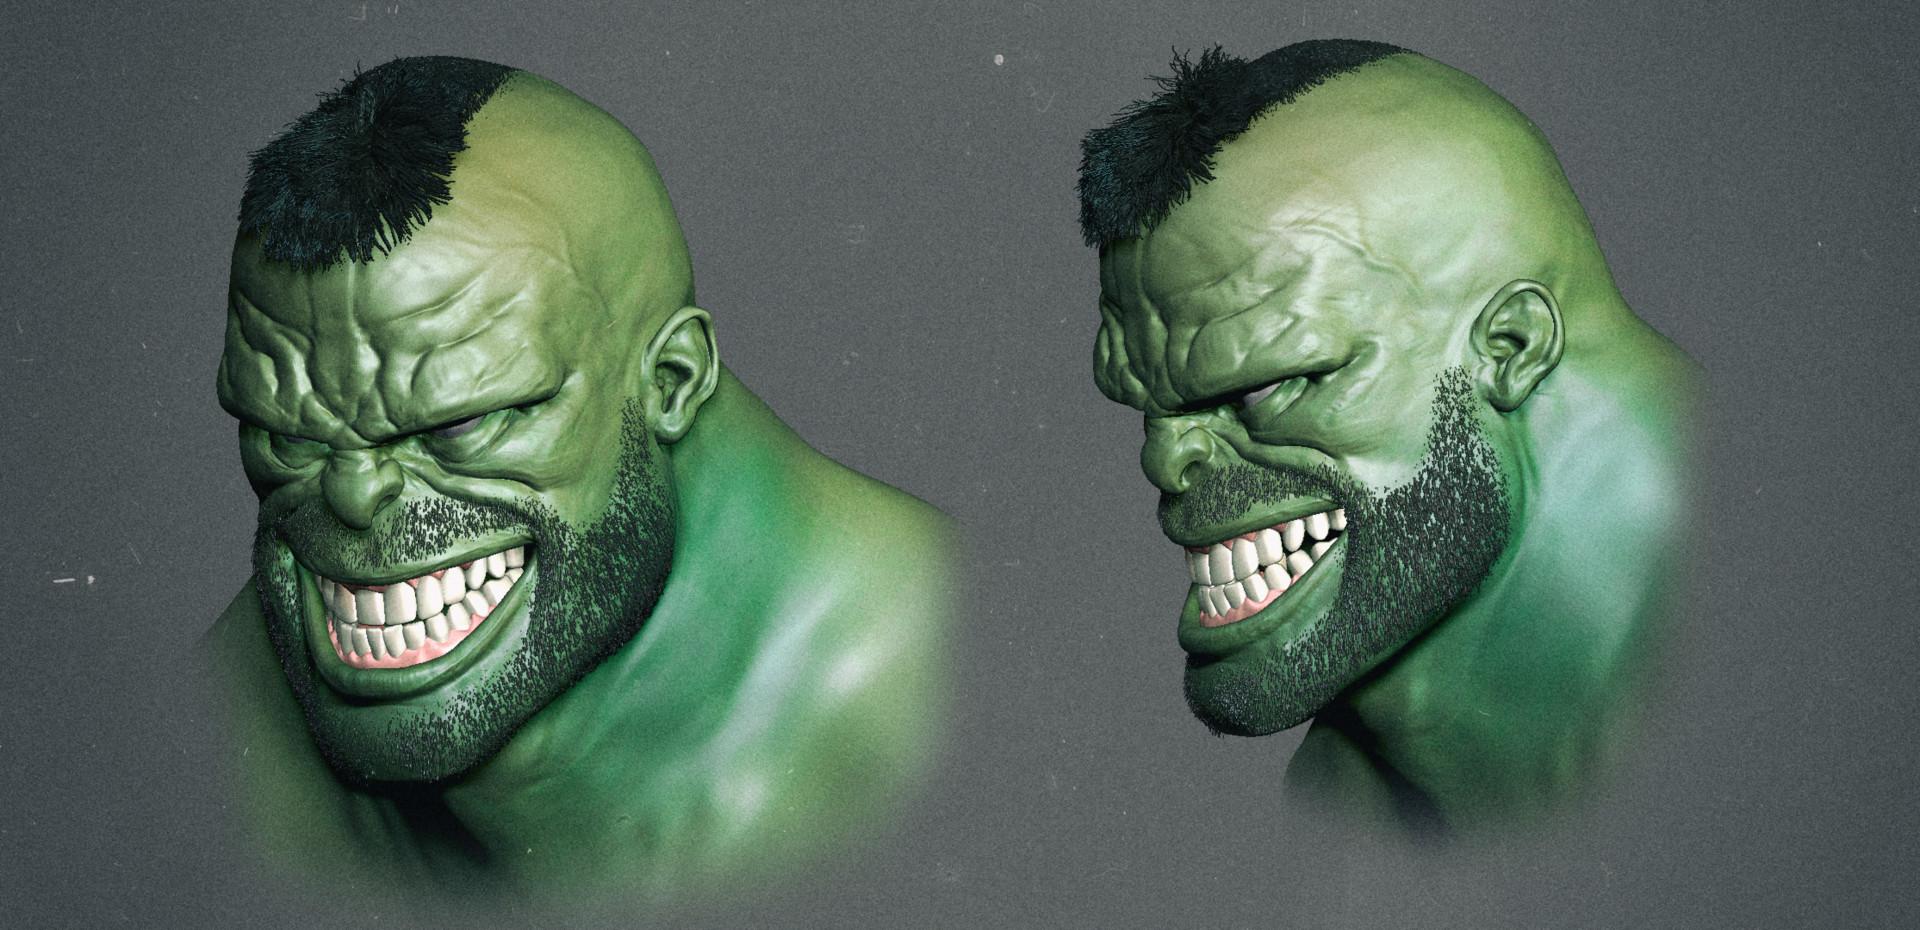 Pierre benjamin hulk test render02ssssssss